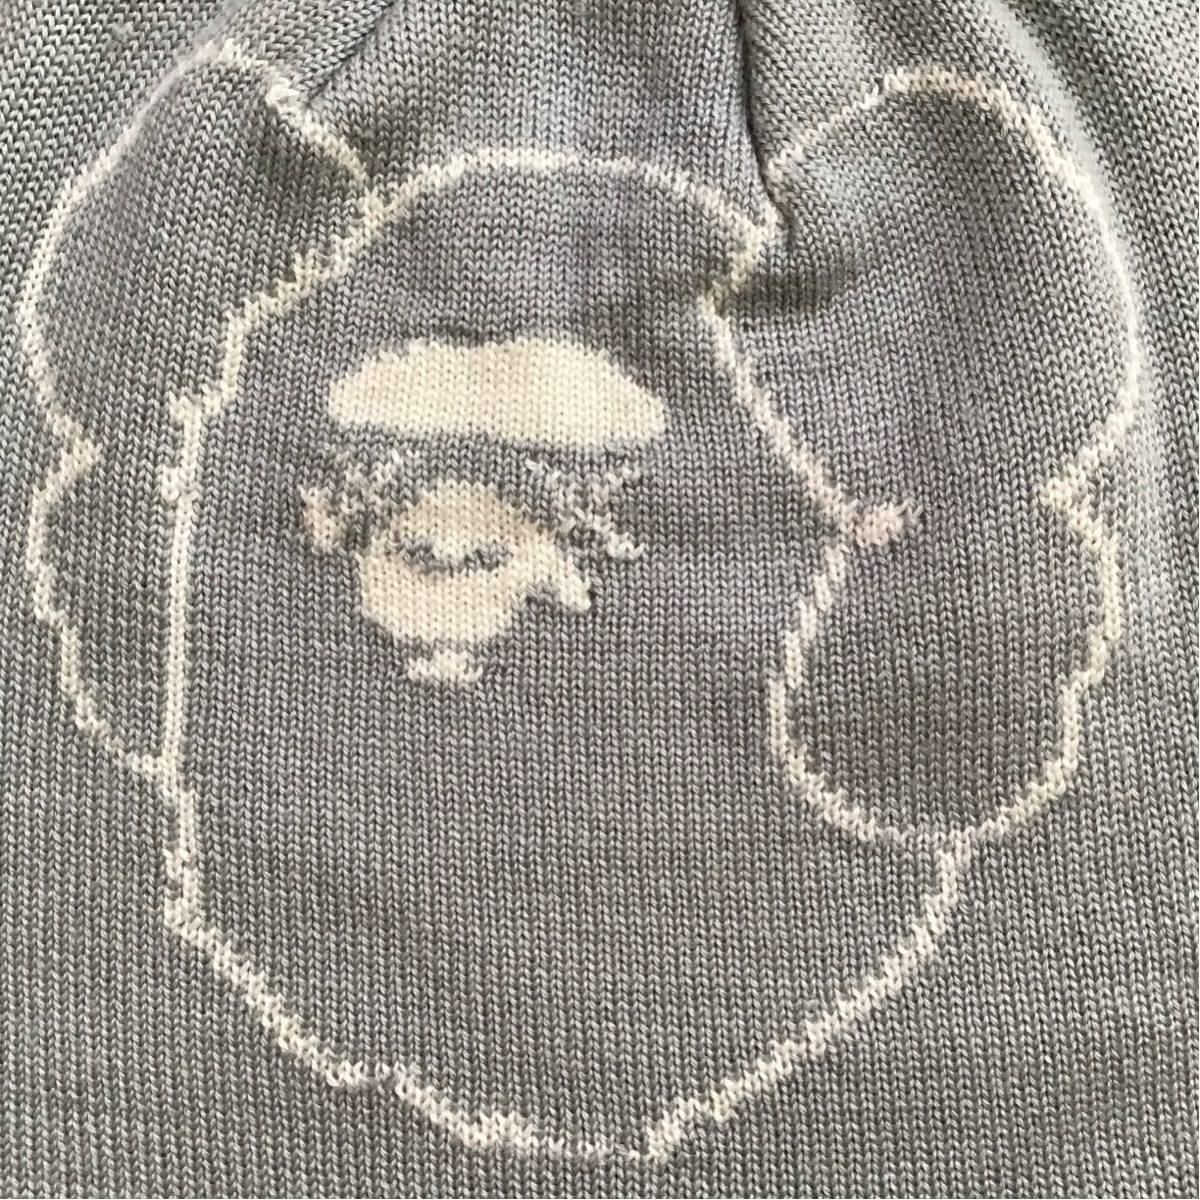 ★激レア★ KAWS × BAPE ニット帽 ビーニー a bathing ape Beanie カウズ エイプ ベイプ アベイシングエイプ grey nigo 帽子 6da